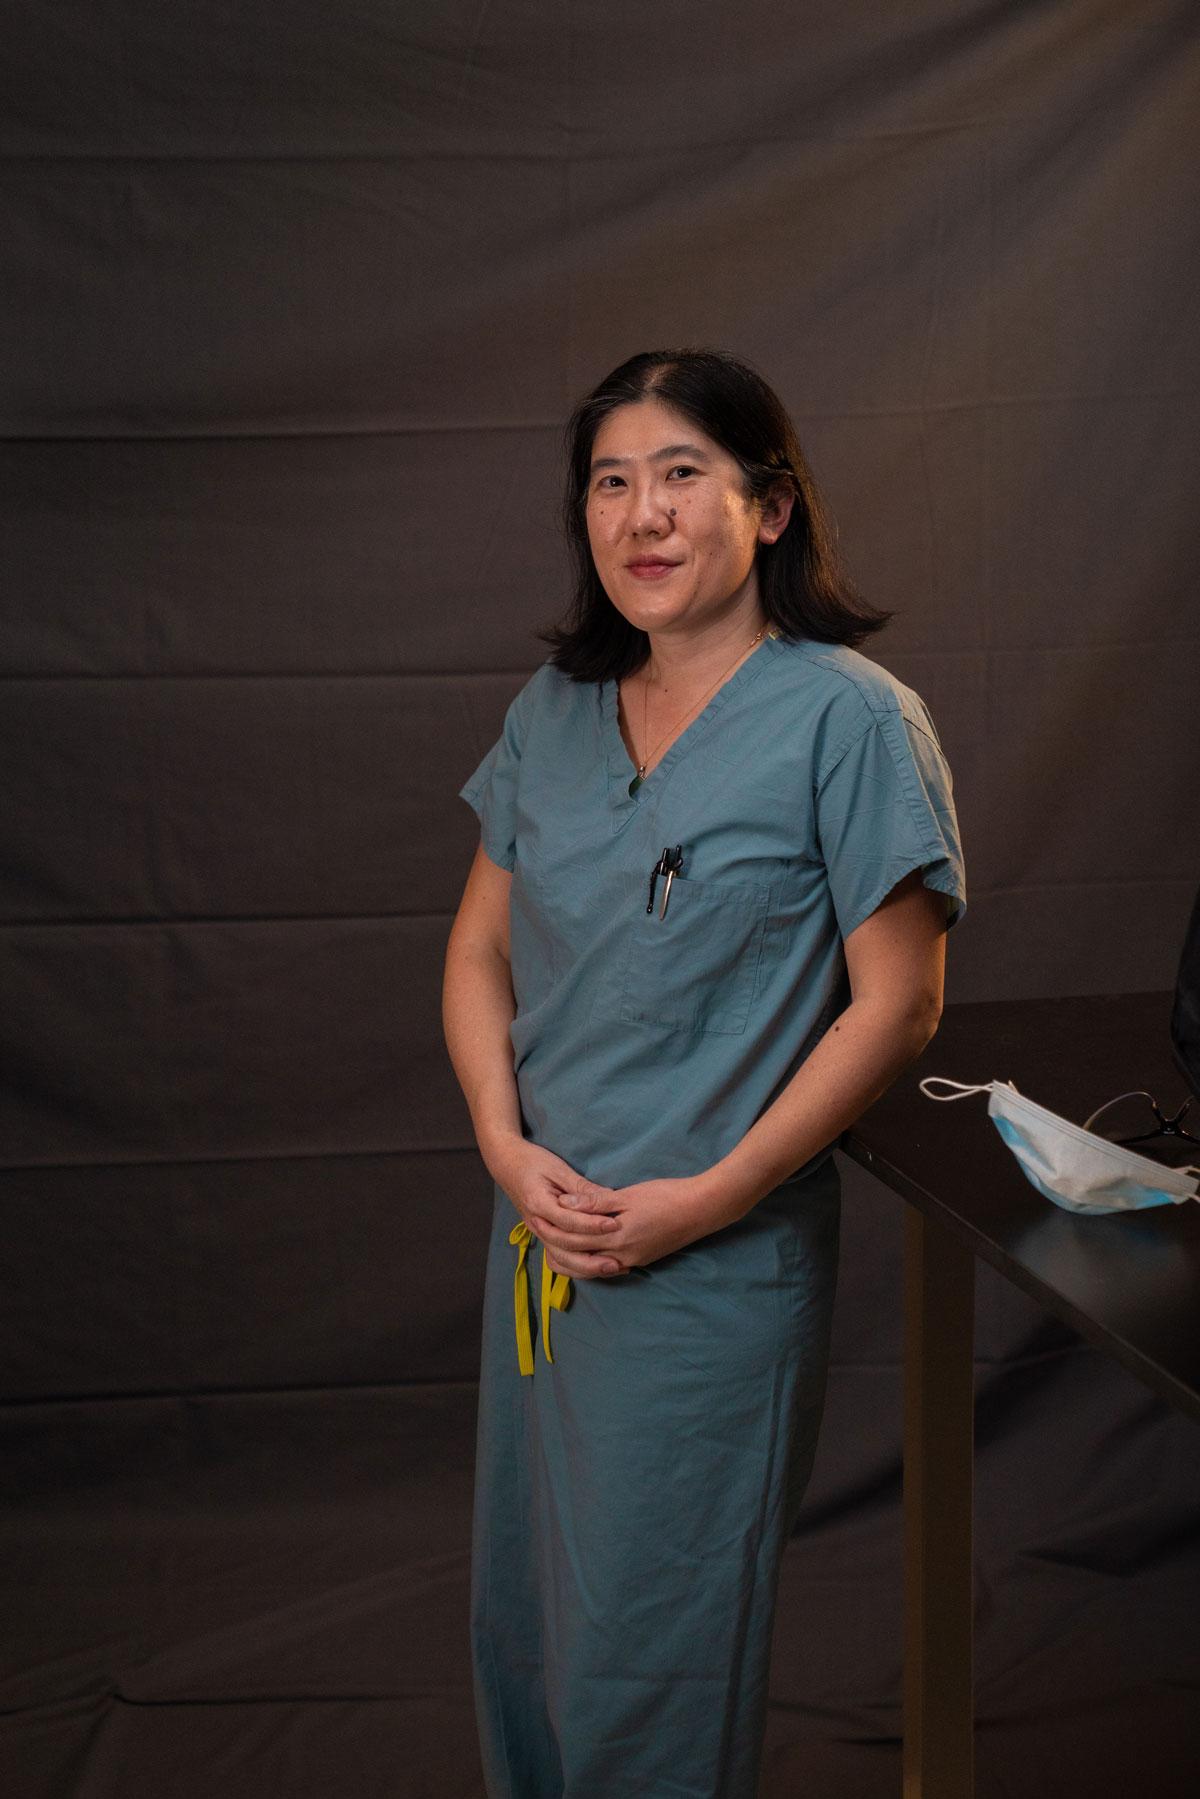 Dr. Tisha Wang